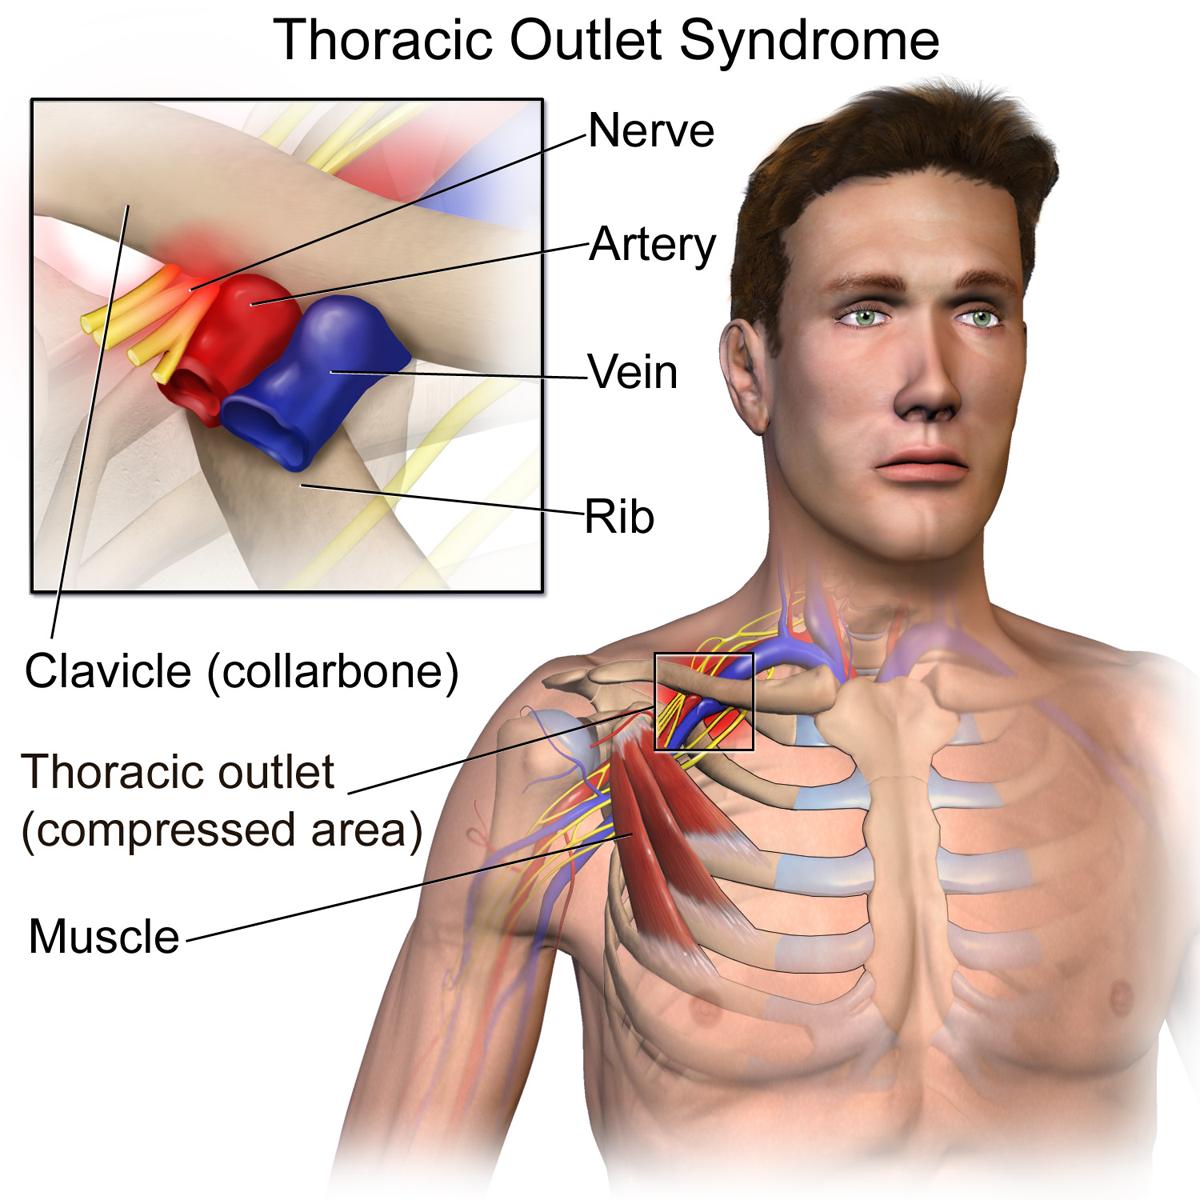 Het thoracic outlet syndrome TOS heet ook wel schoudergordelsyndroom of neurovasculair compressiesyndroom is een verzamelnaam voor aandoeningen waarbij de